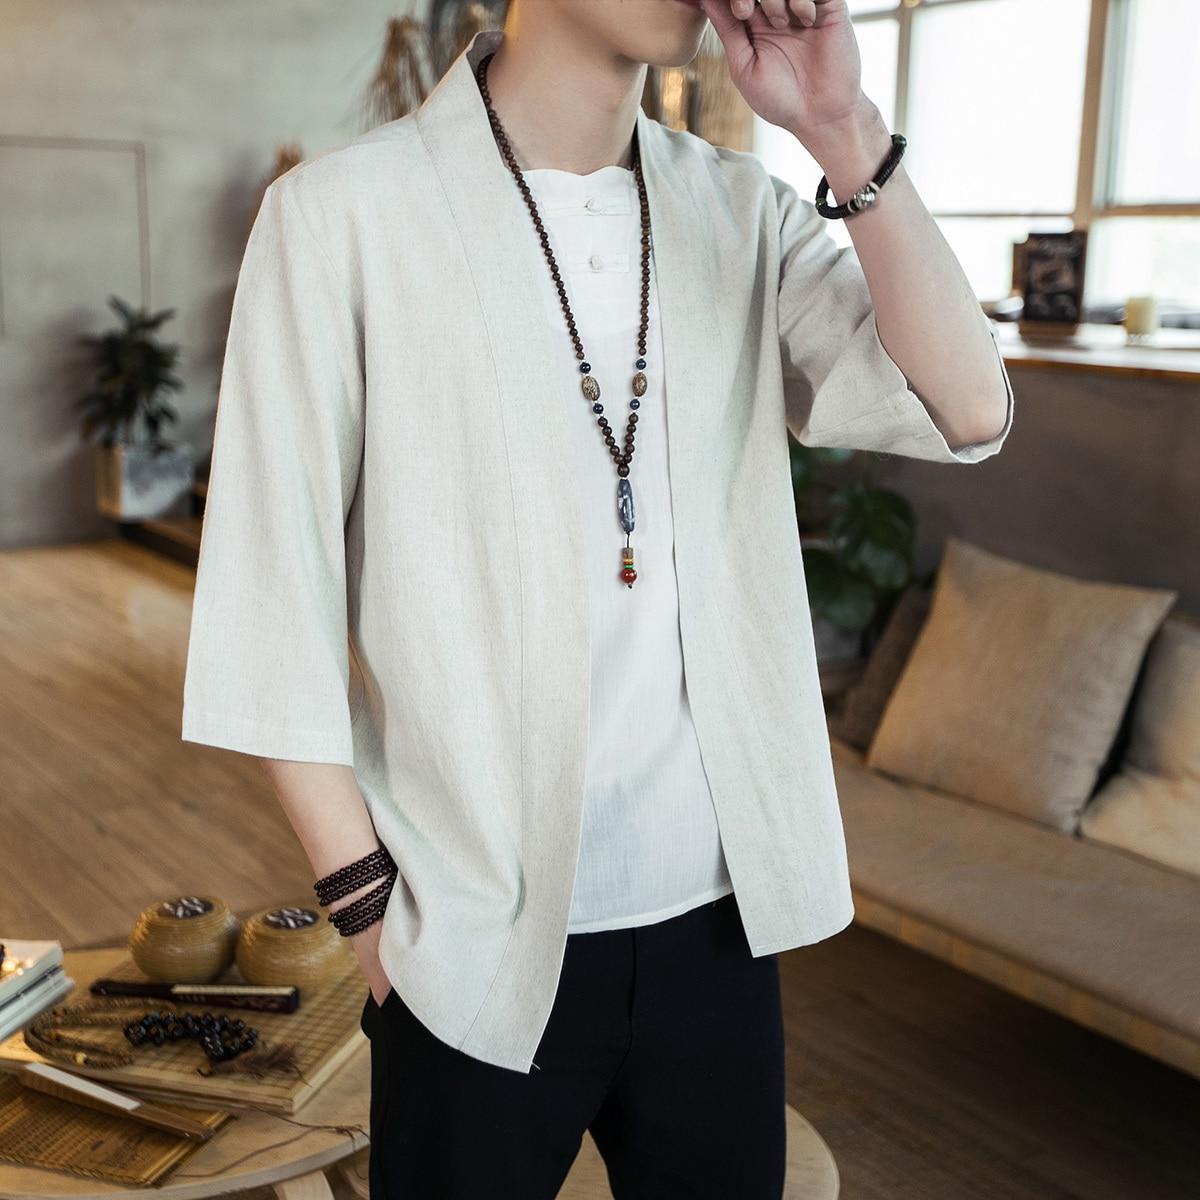 2019 d'été hommes kimono japonais vêtements streetwear décontracté kimonos vestes vagues et vent dragn harajuku style cardigan d'extérieur